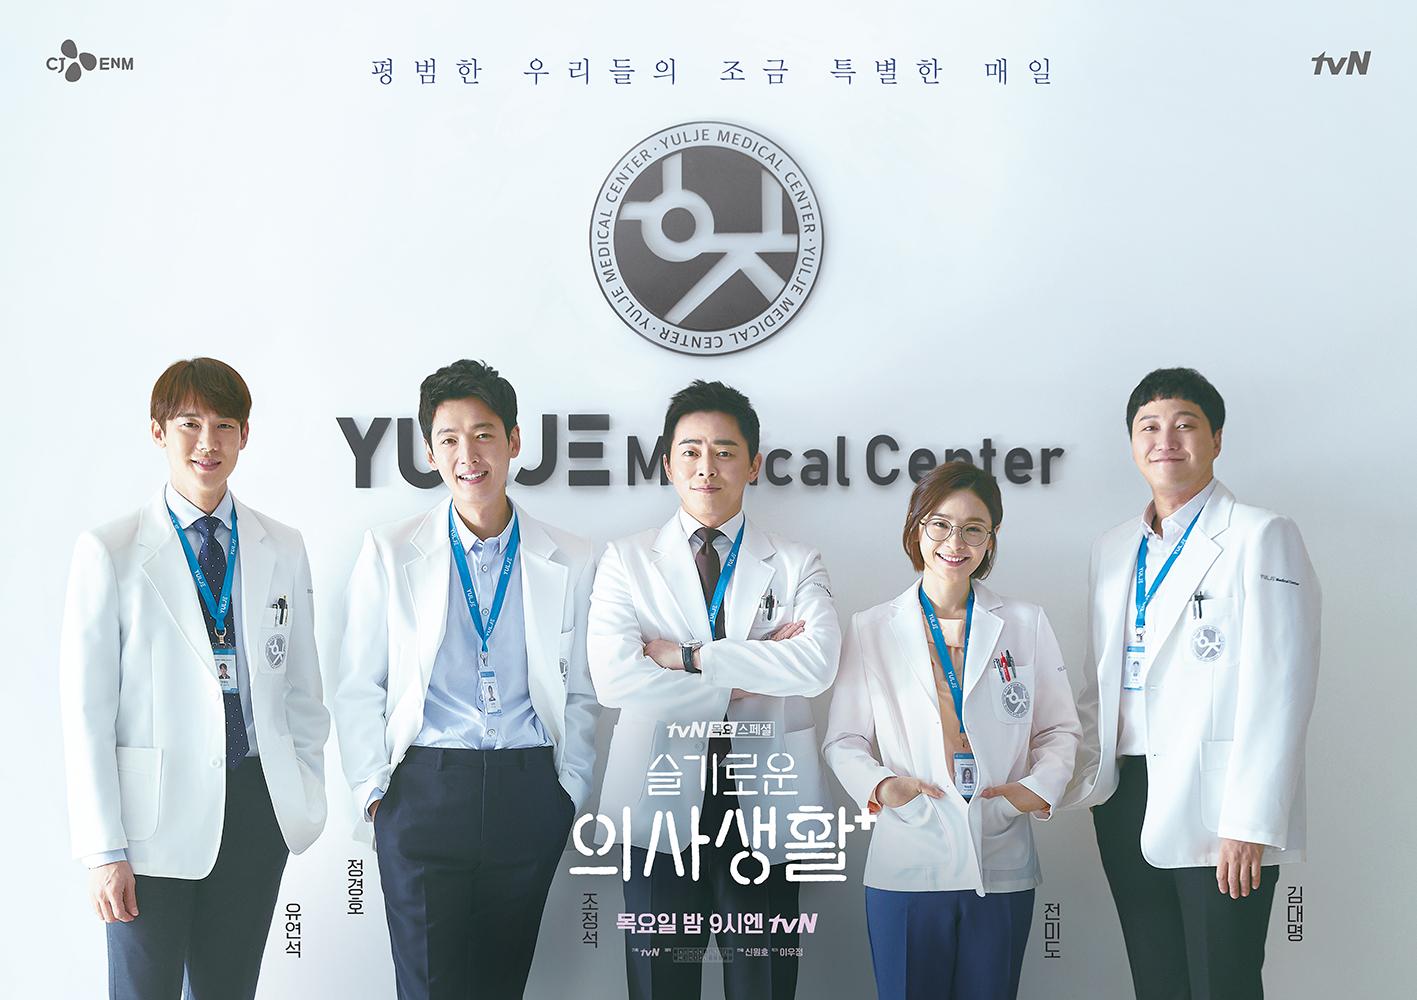 [슬기로운 의사생활] 12화 율제병원 홍보사진 포스터